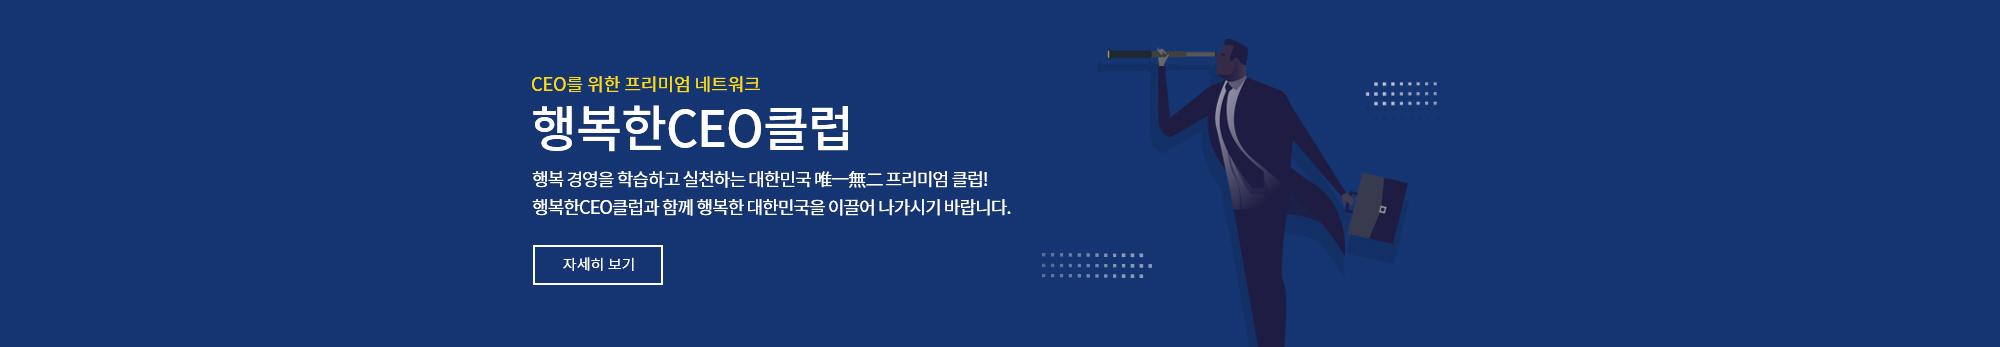 행경 사단법인 홈페이지 메인배너